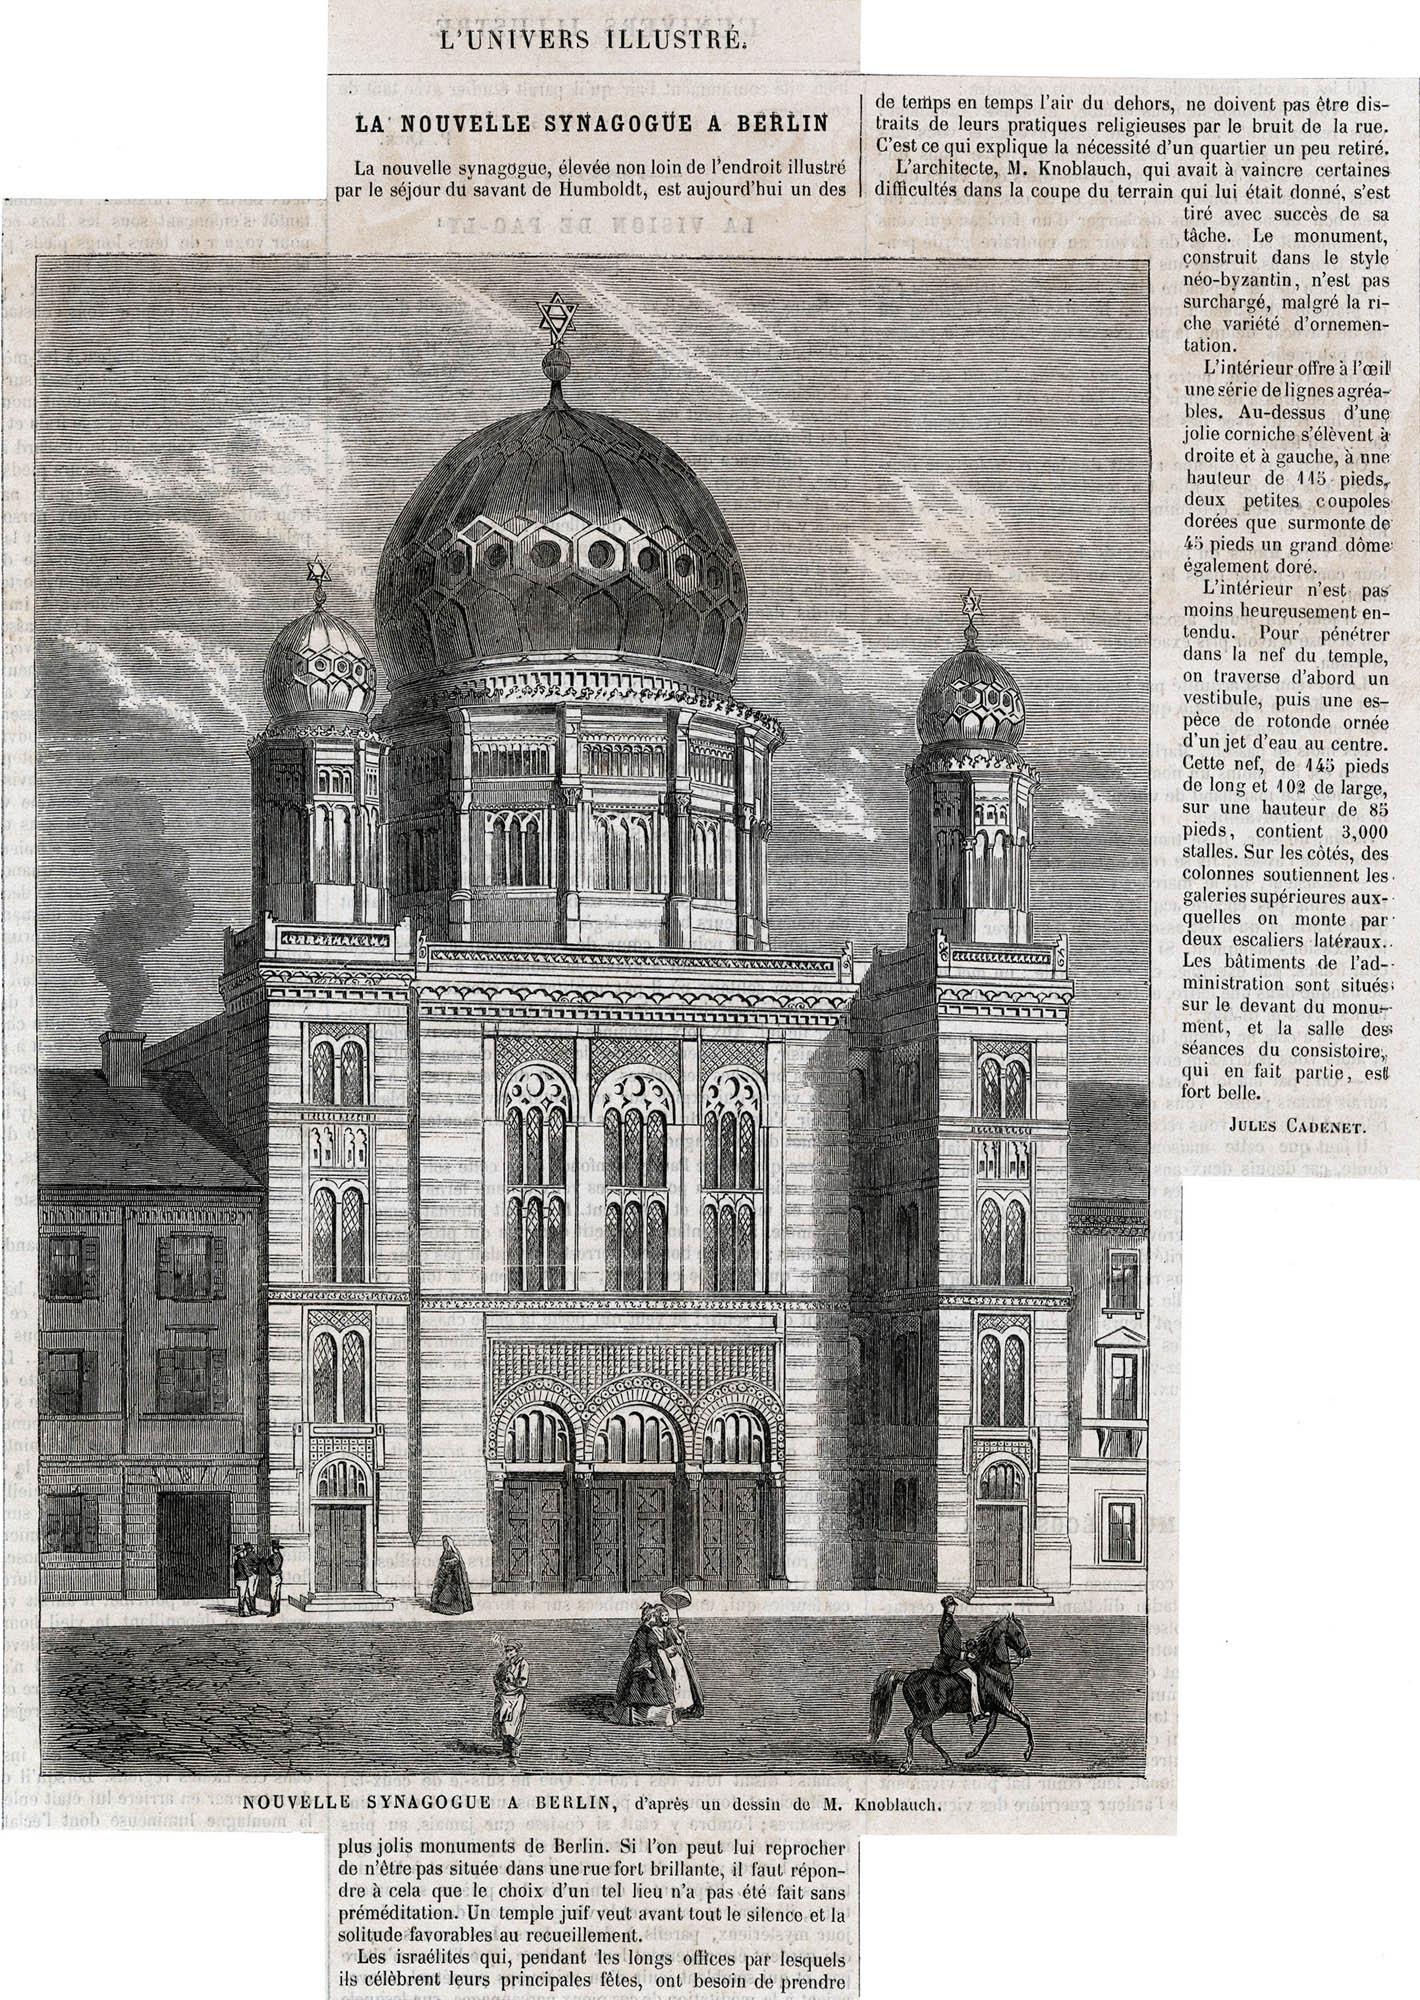 La nouvelle synagogue à Berlin